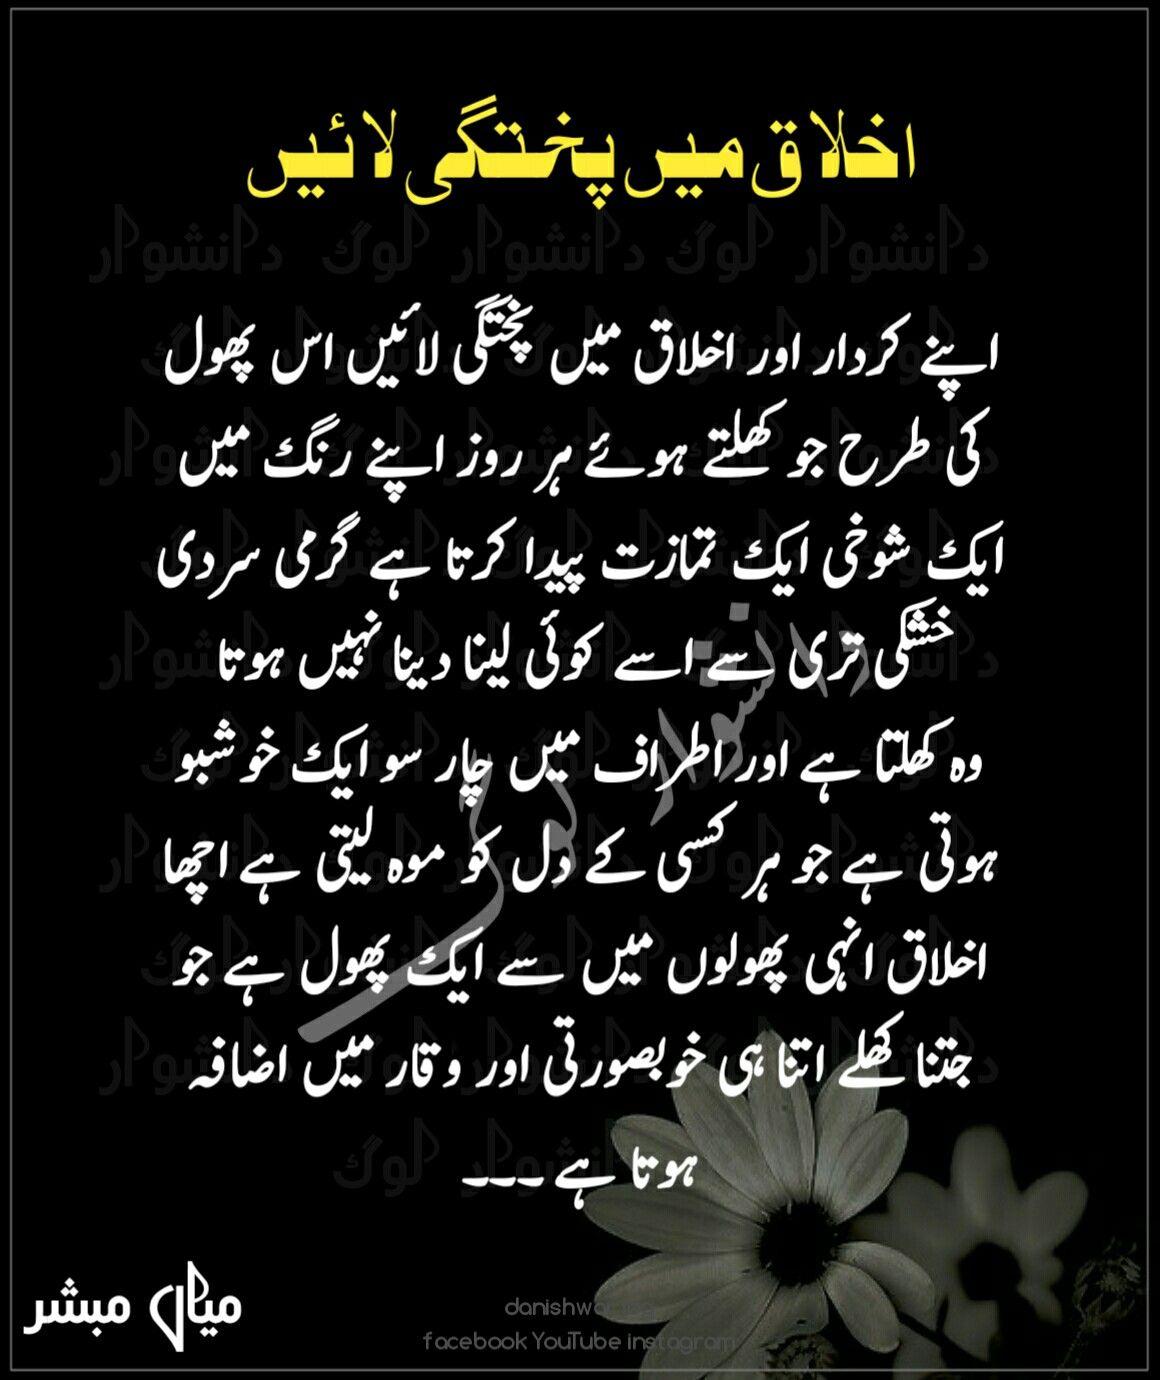 Bakhtawerbokhari Urdu Urdu Quotes Urdu Poetry Sad Quotes